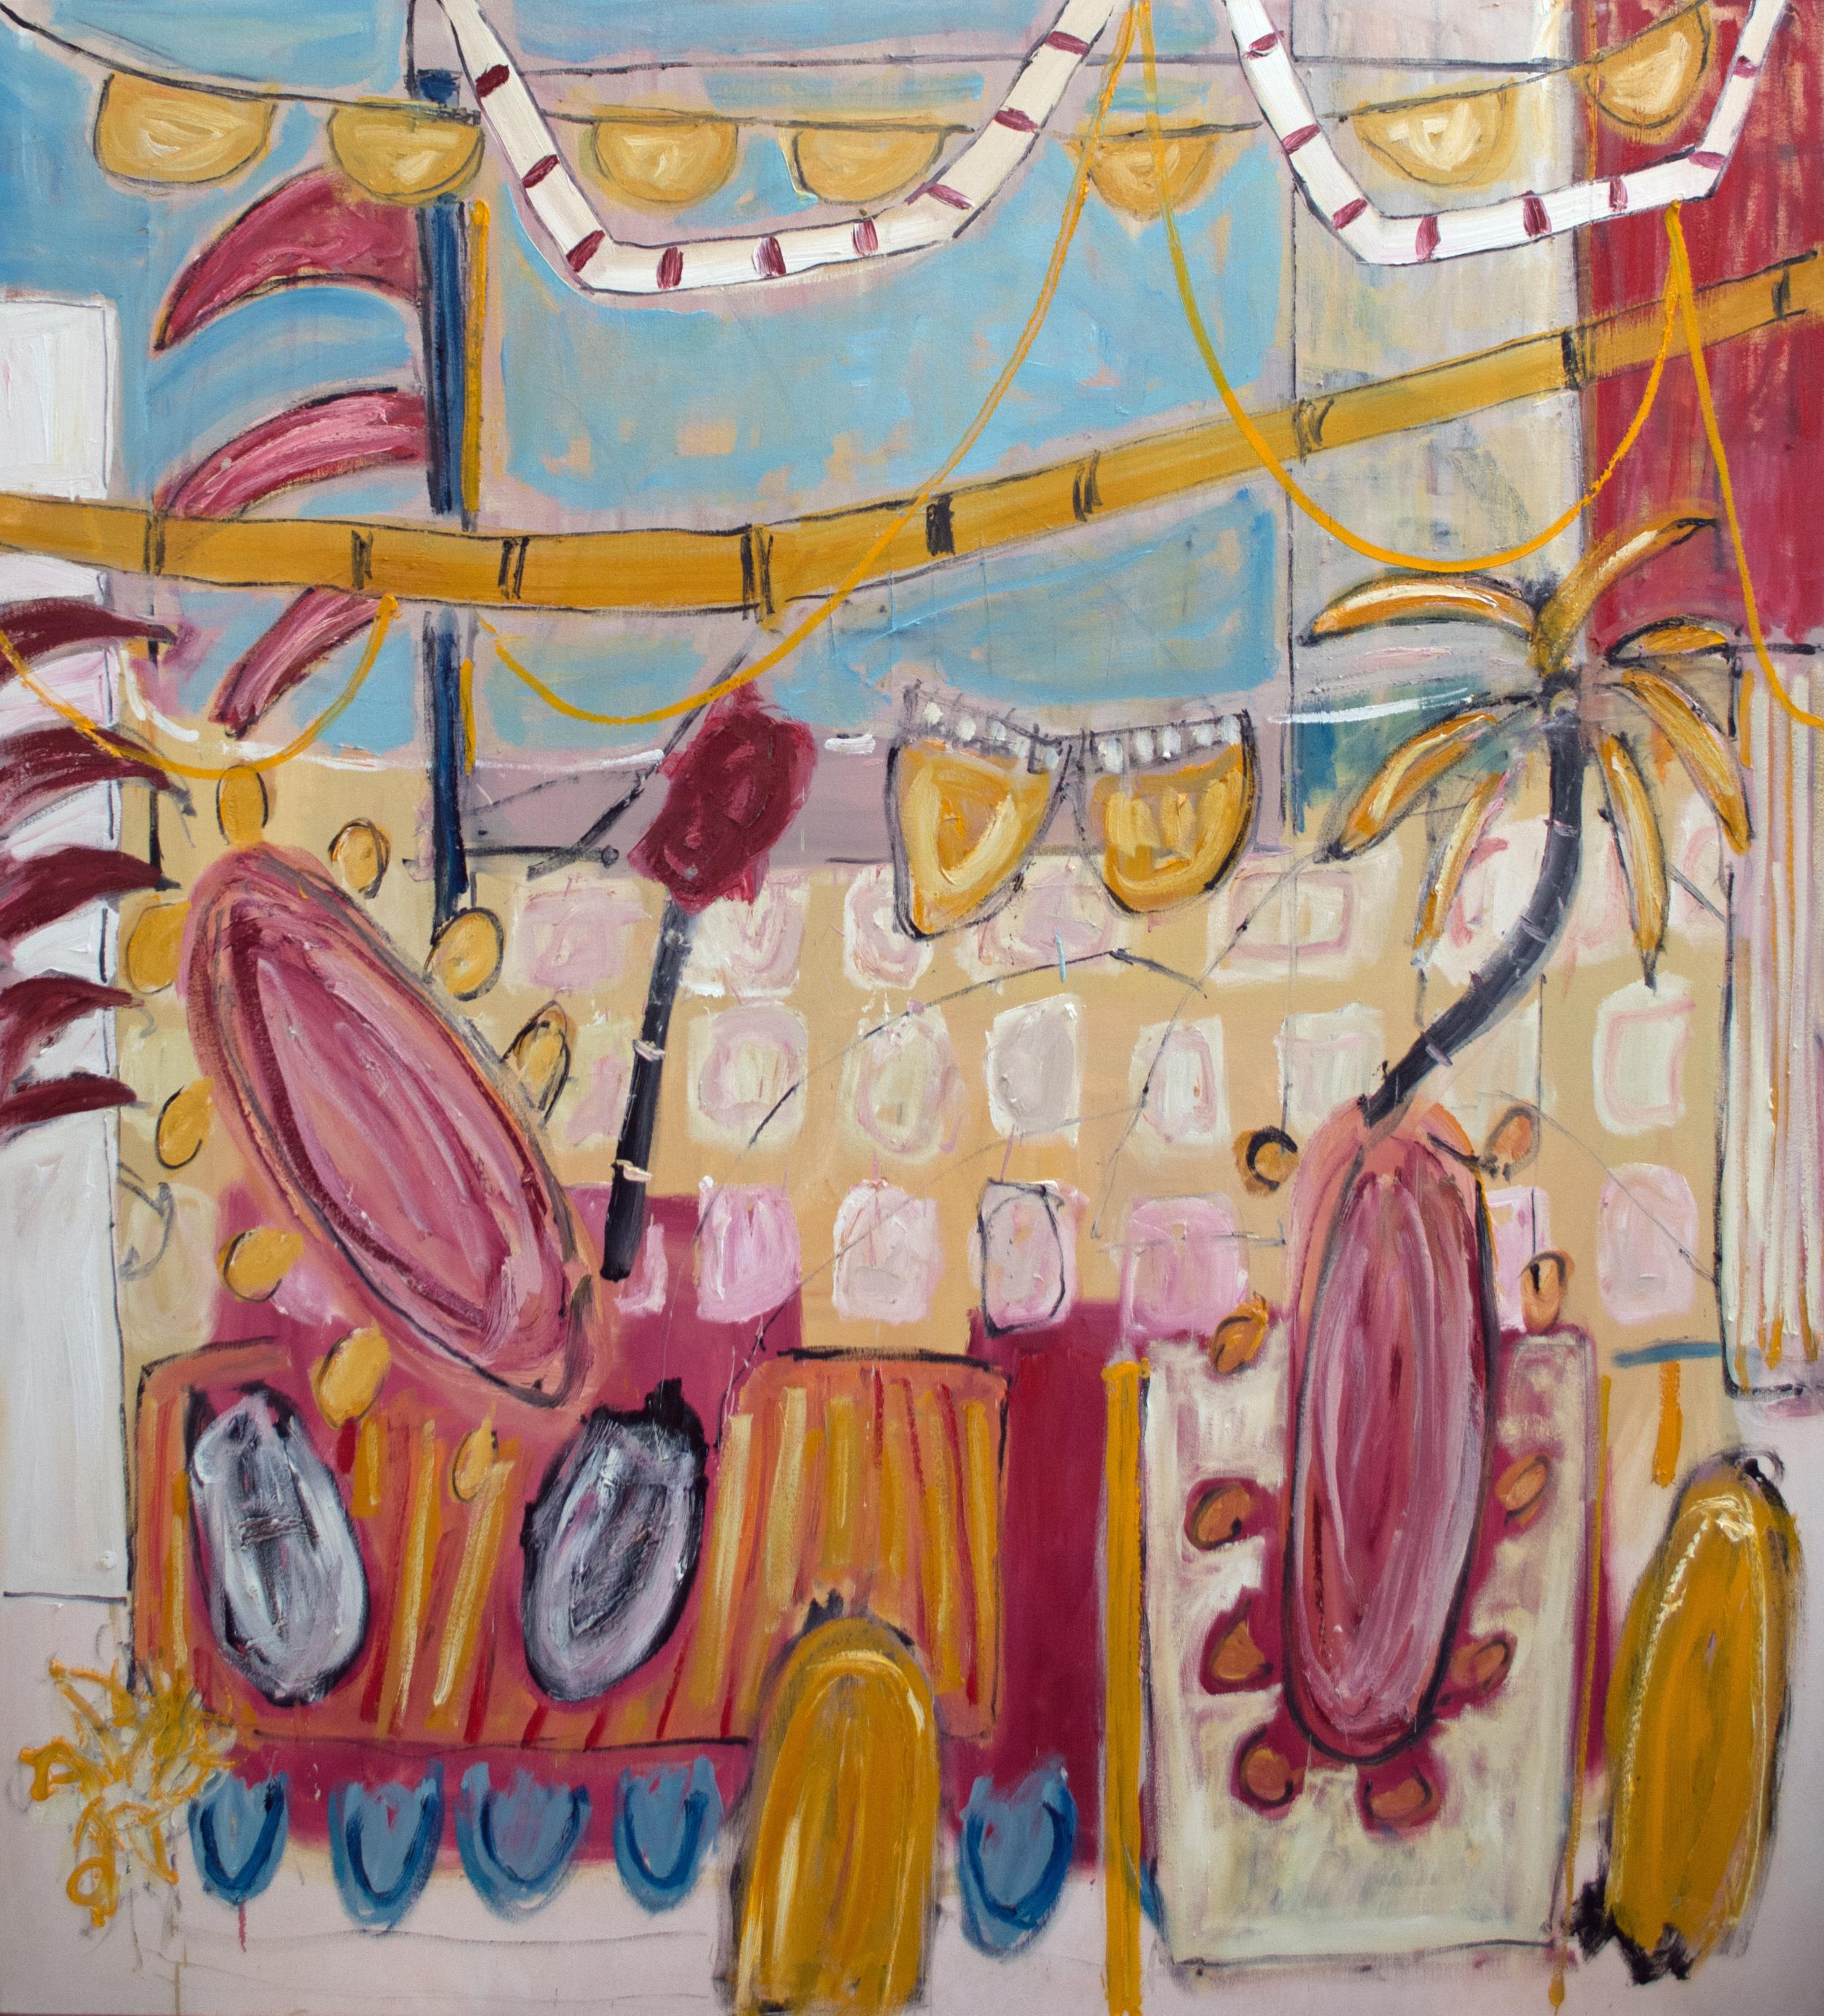 Alec Cumming, Agonda, oil on canvas, 168x152cm, 2015.jpg